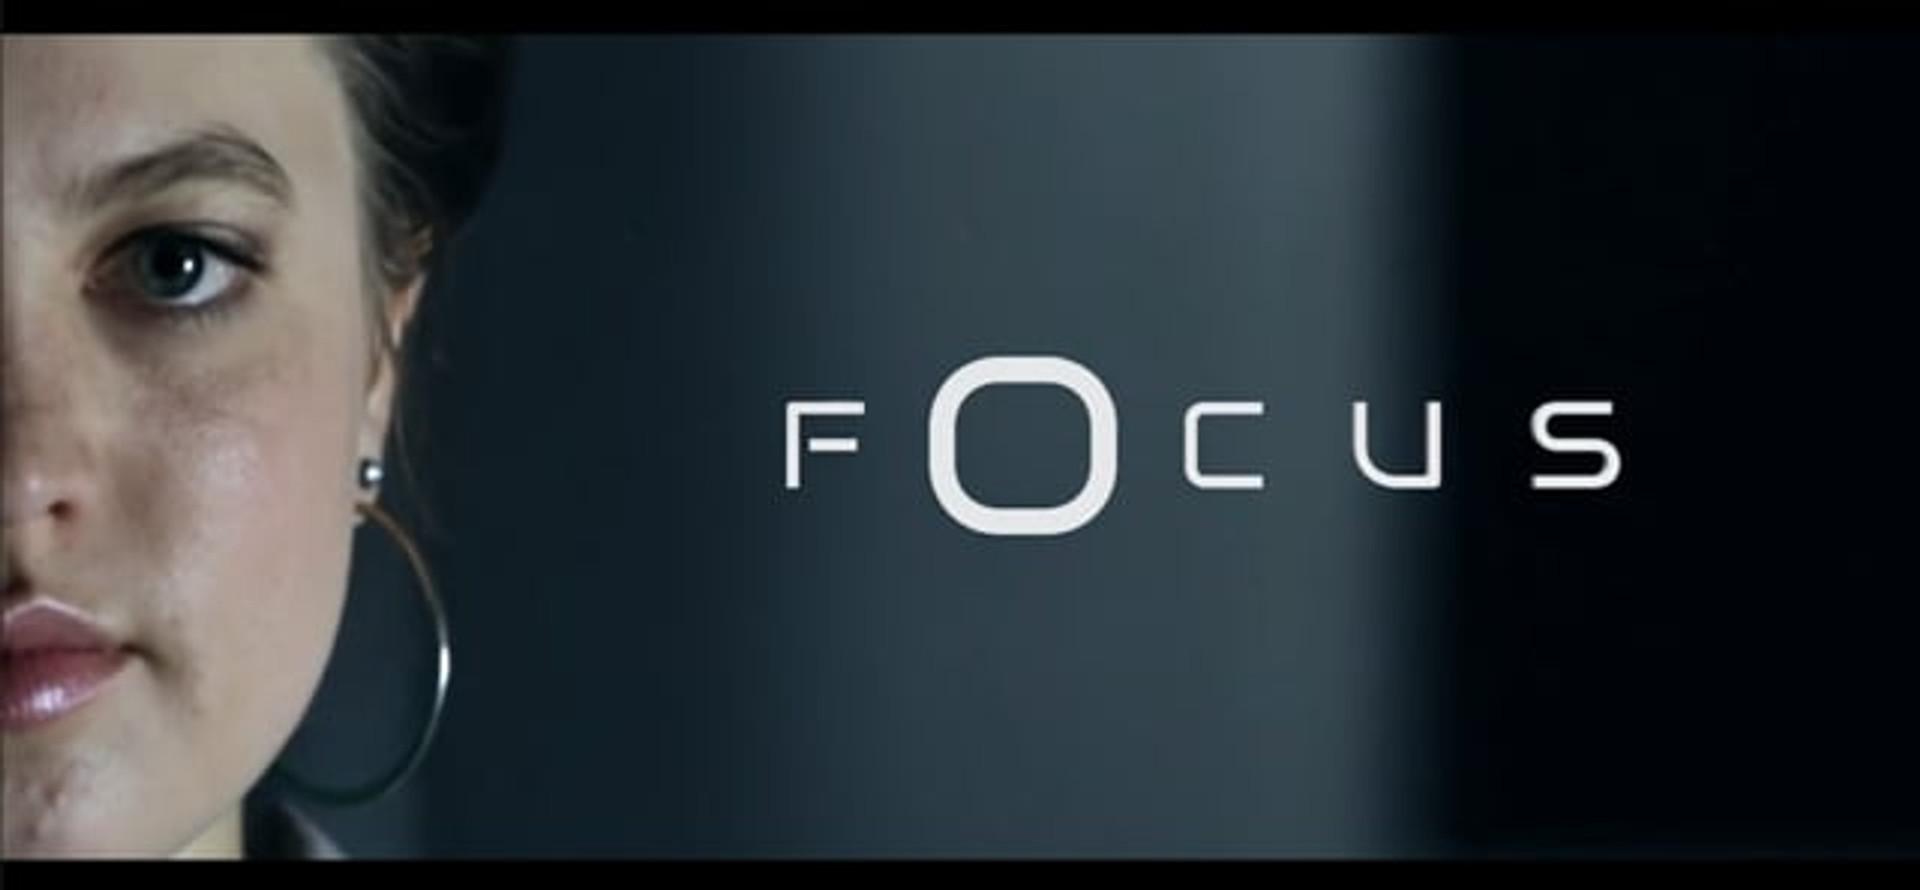 Focus Part 3